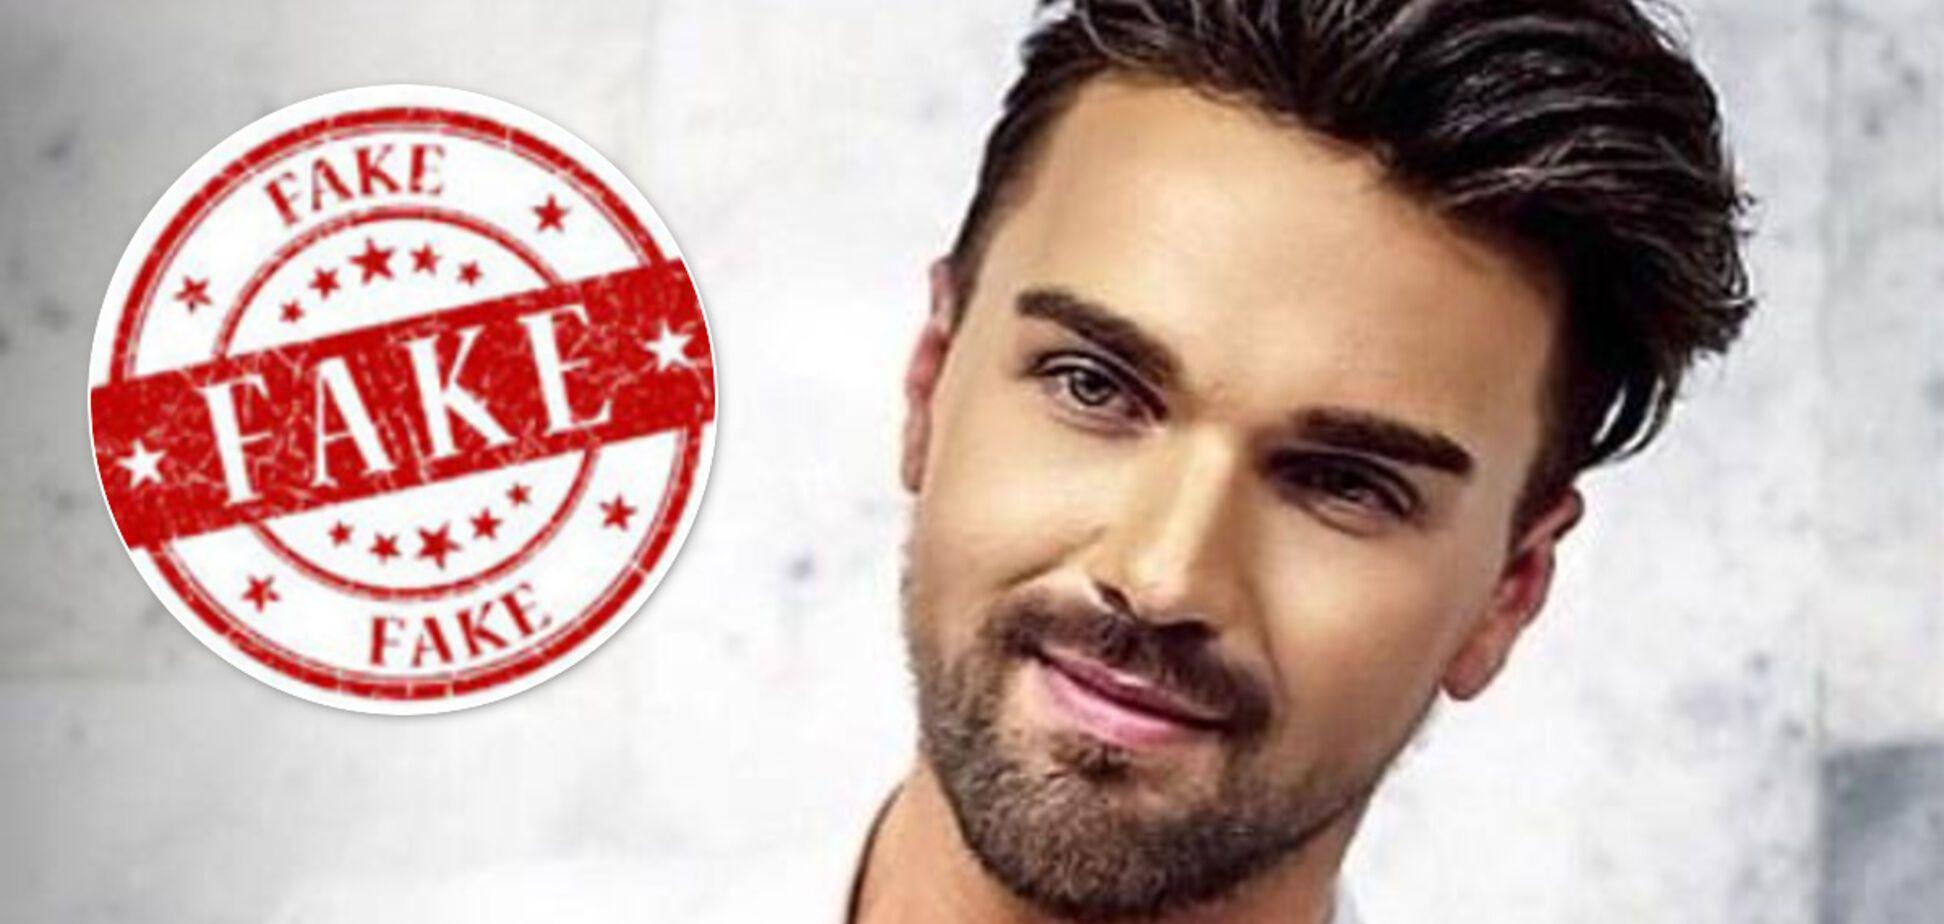 ЗМІ 'відправили' на Євробачення-2020 від РФ співака з України: Панайотов відповів на чутки